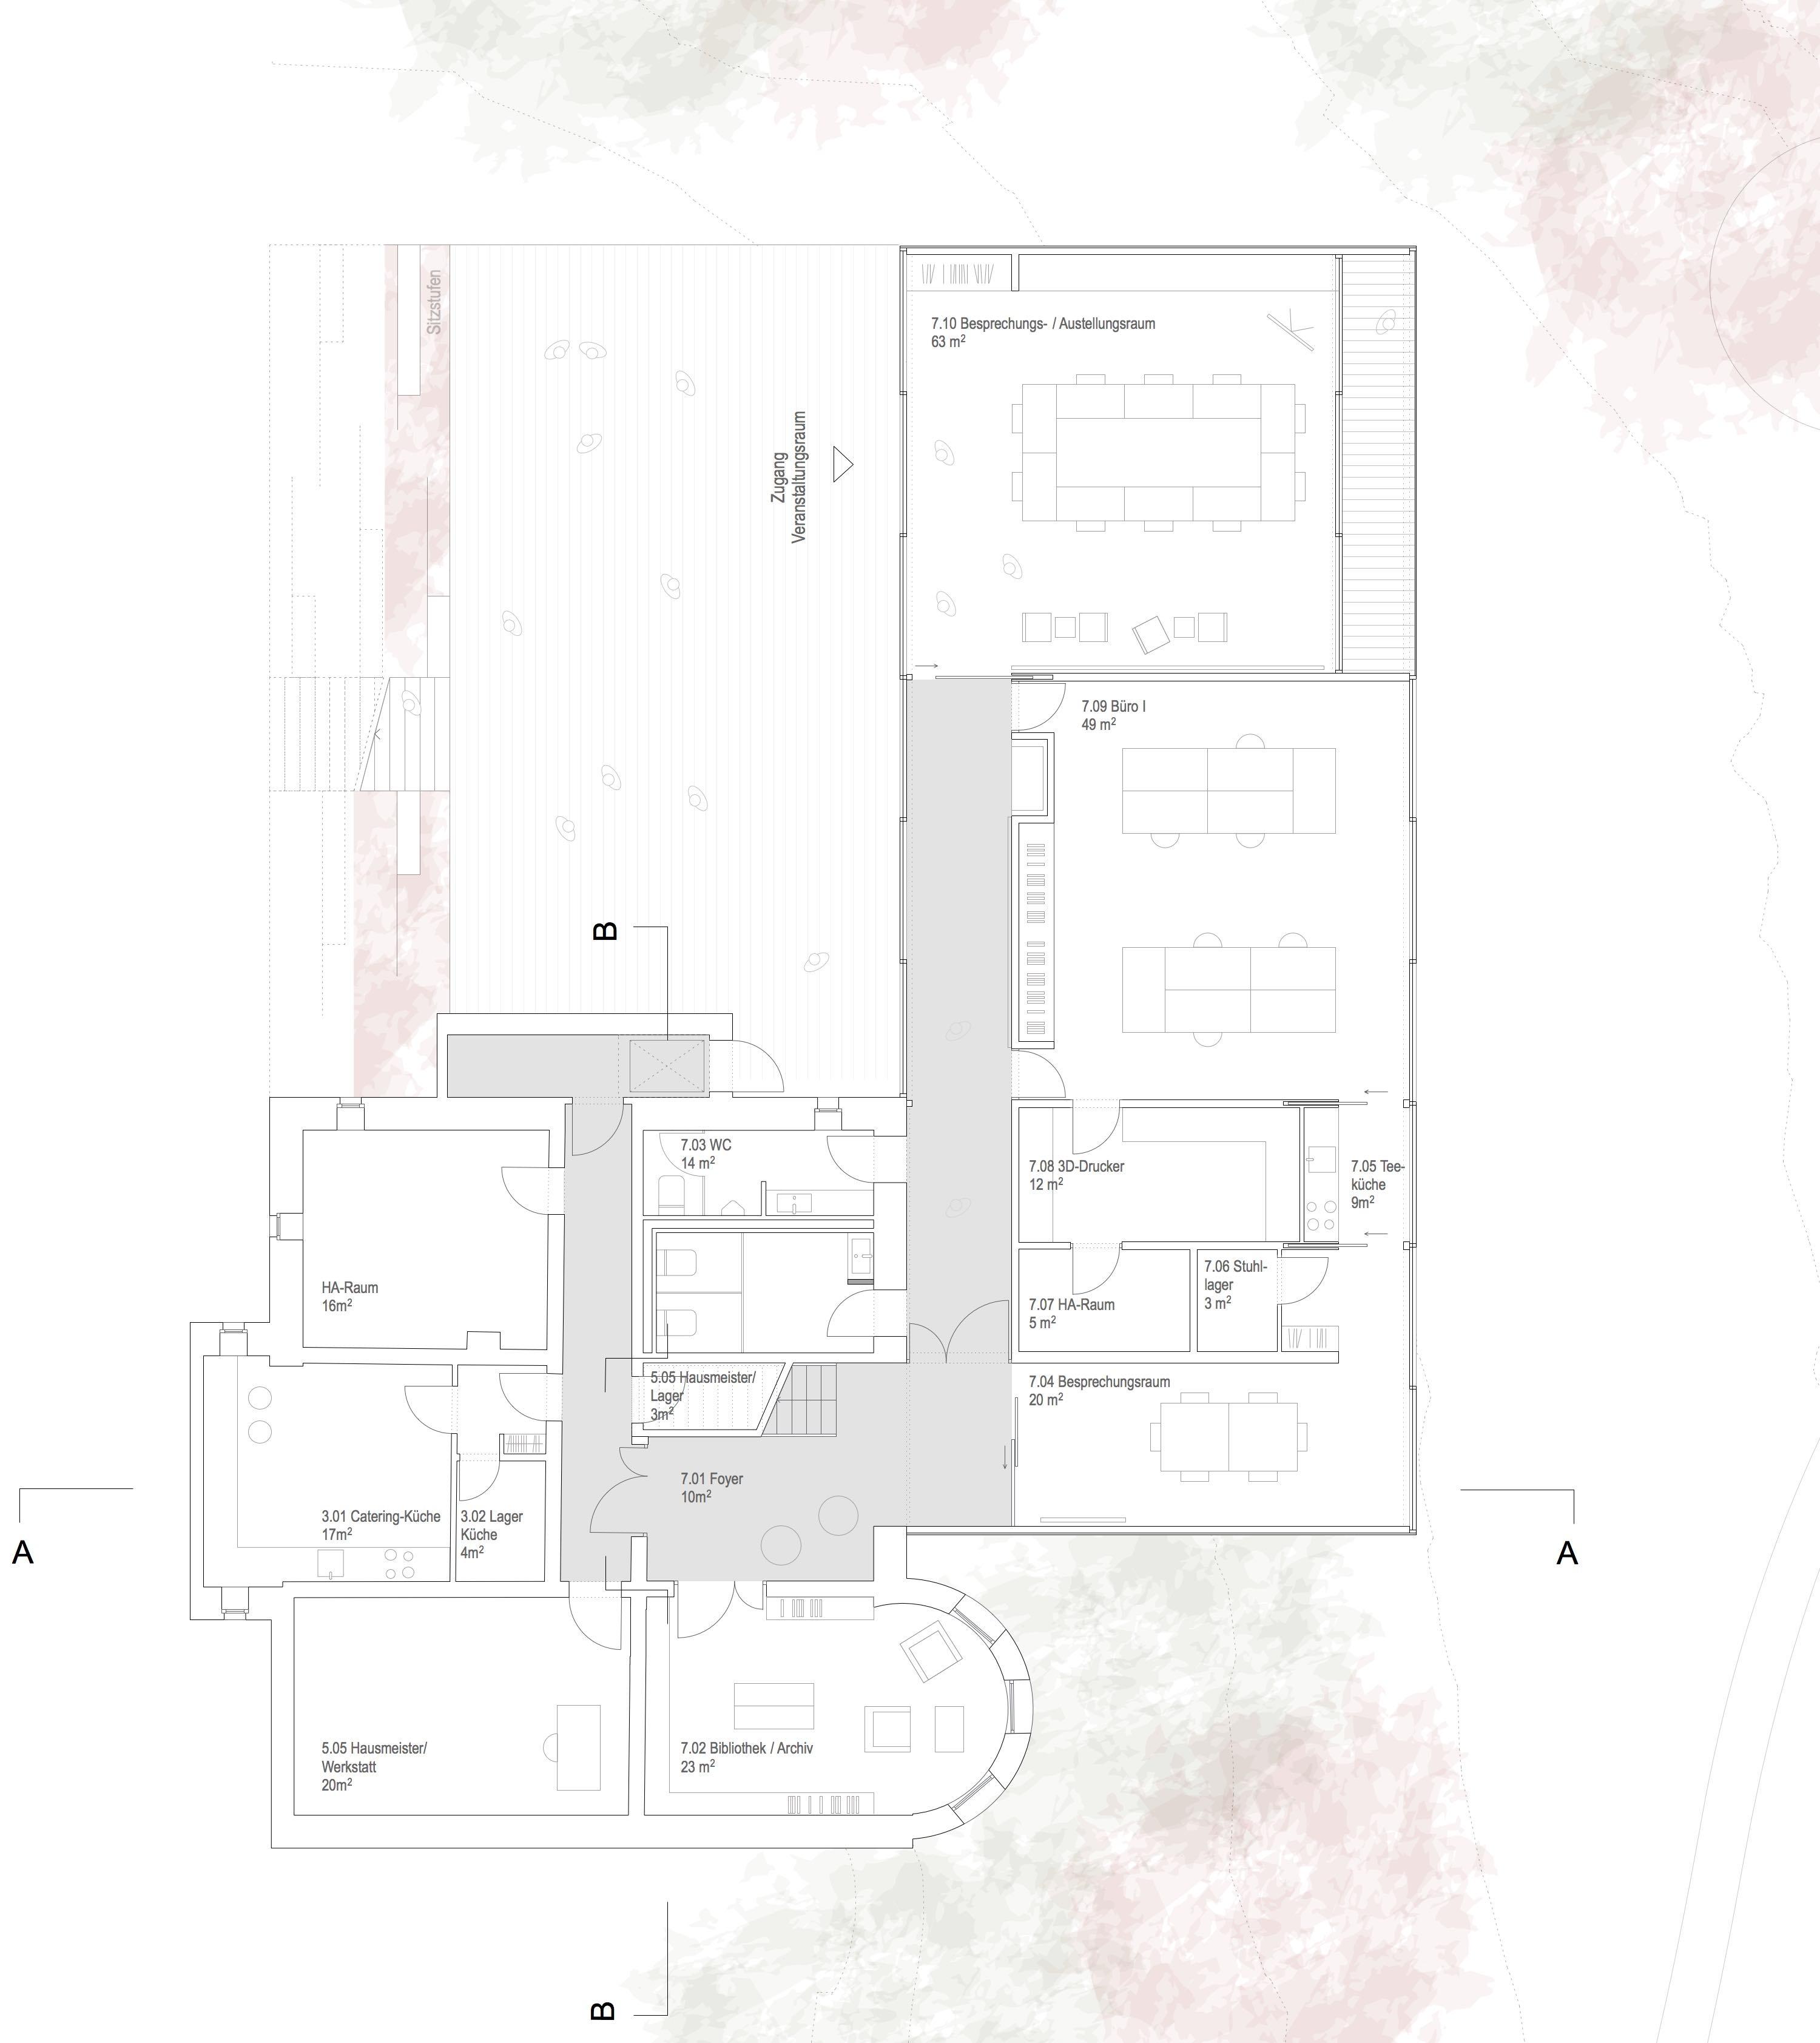 Ankauf Umbau und Erweiterung der JUNG Gründervilla...competitionline